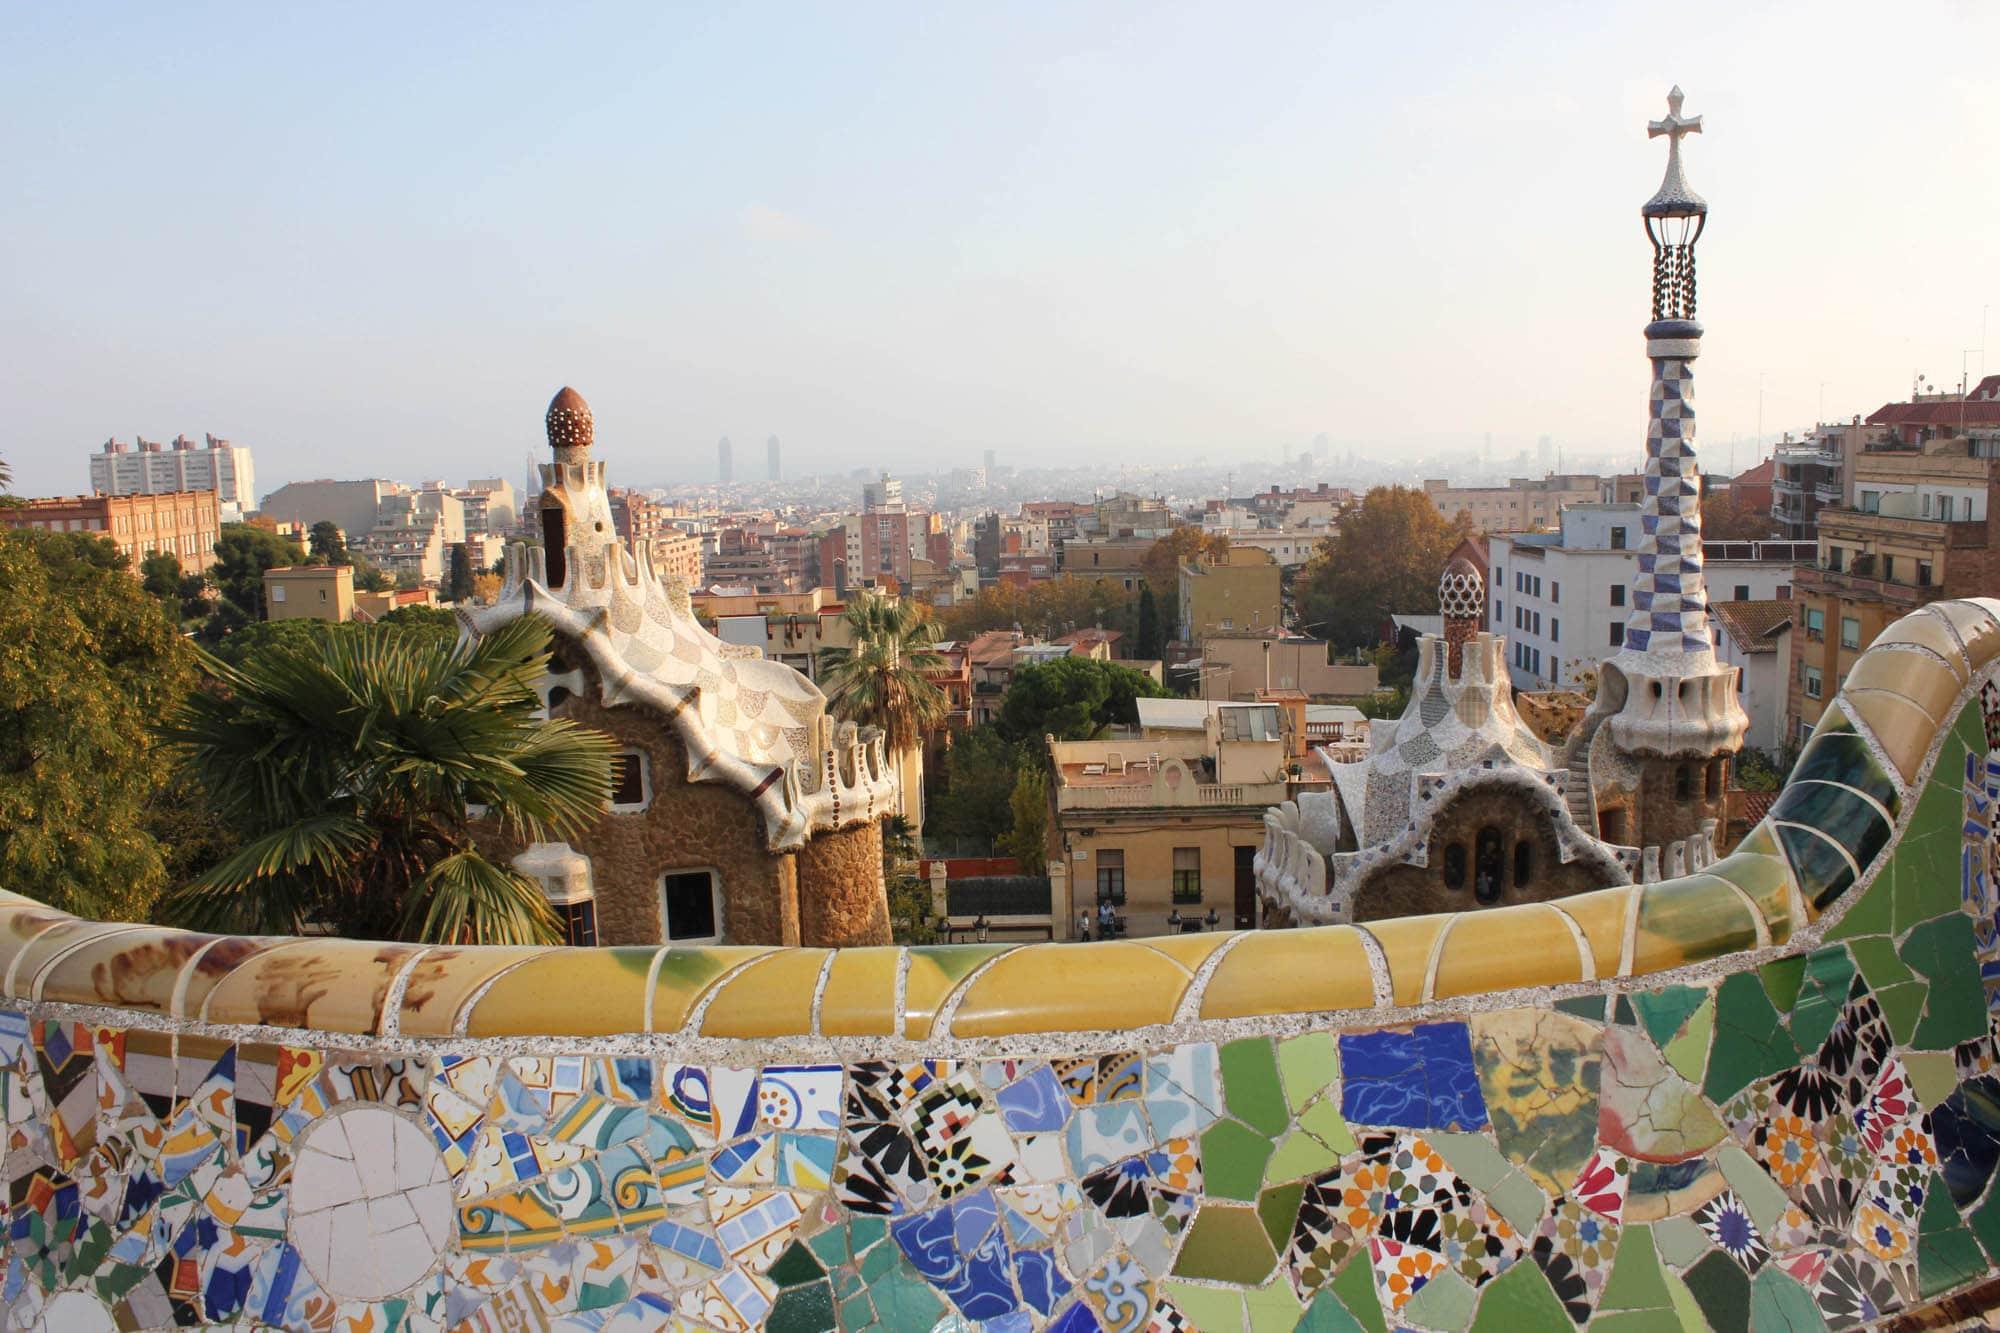 Niezapomniane urodziny – czyli przedłużony weekend w Barcelonie 17